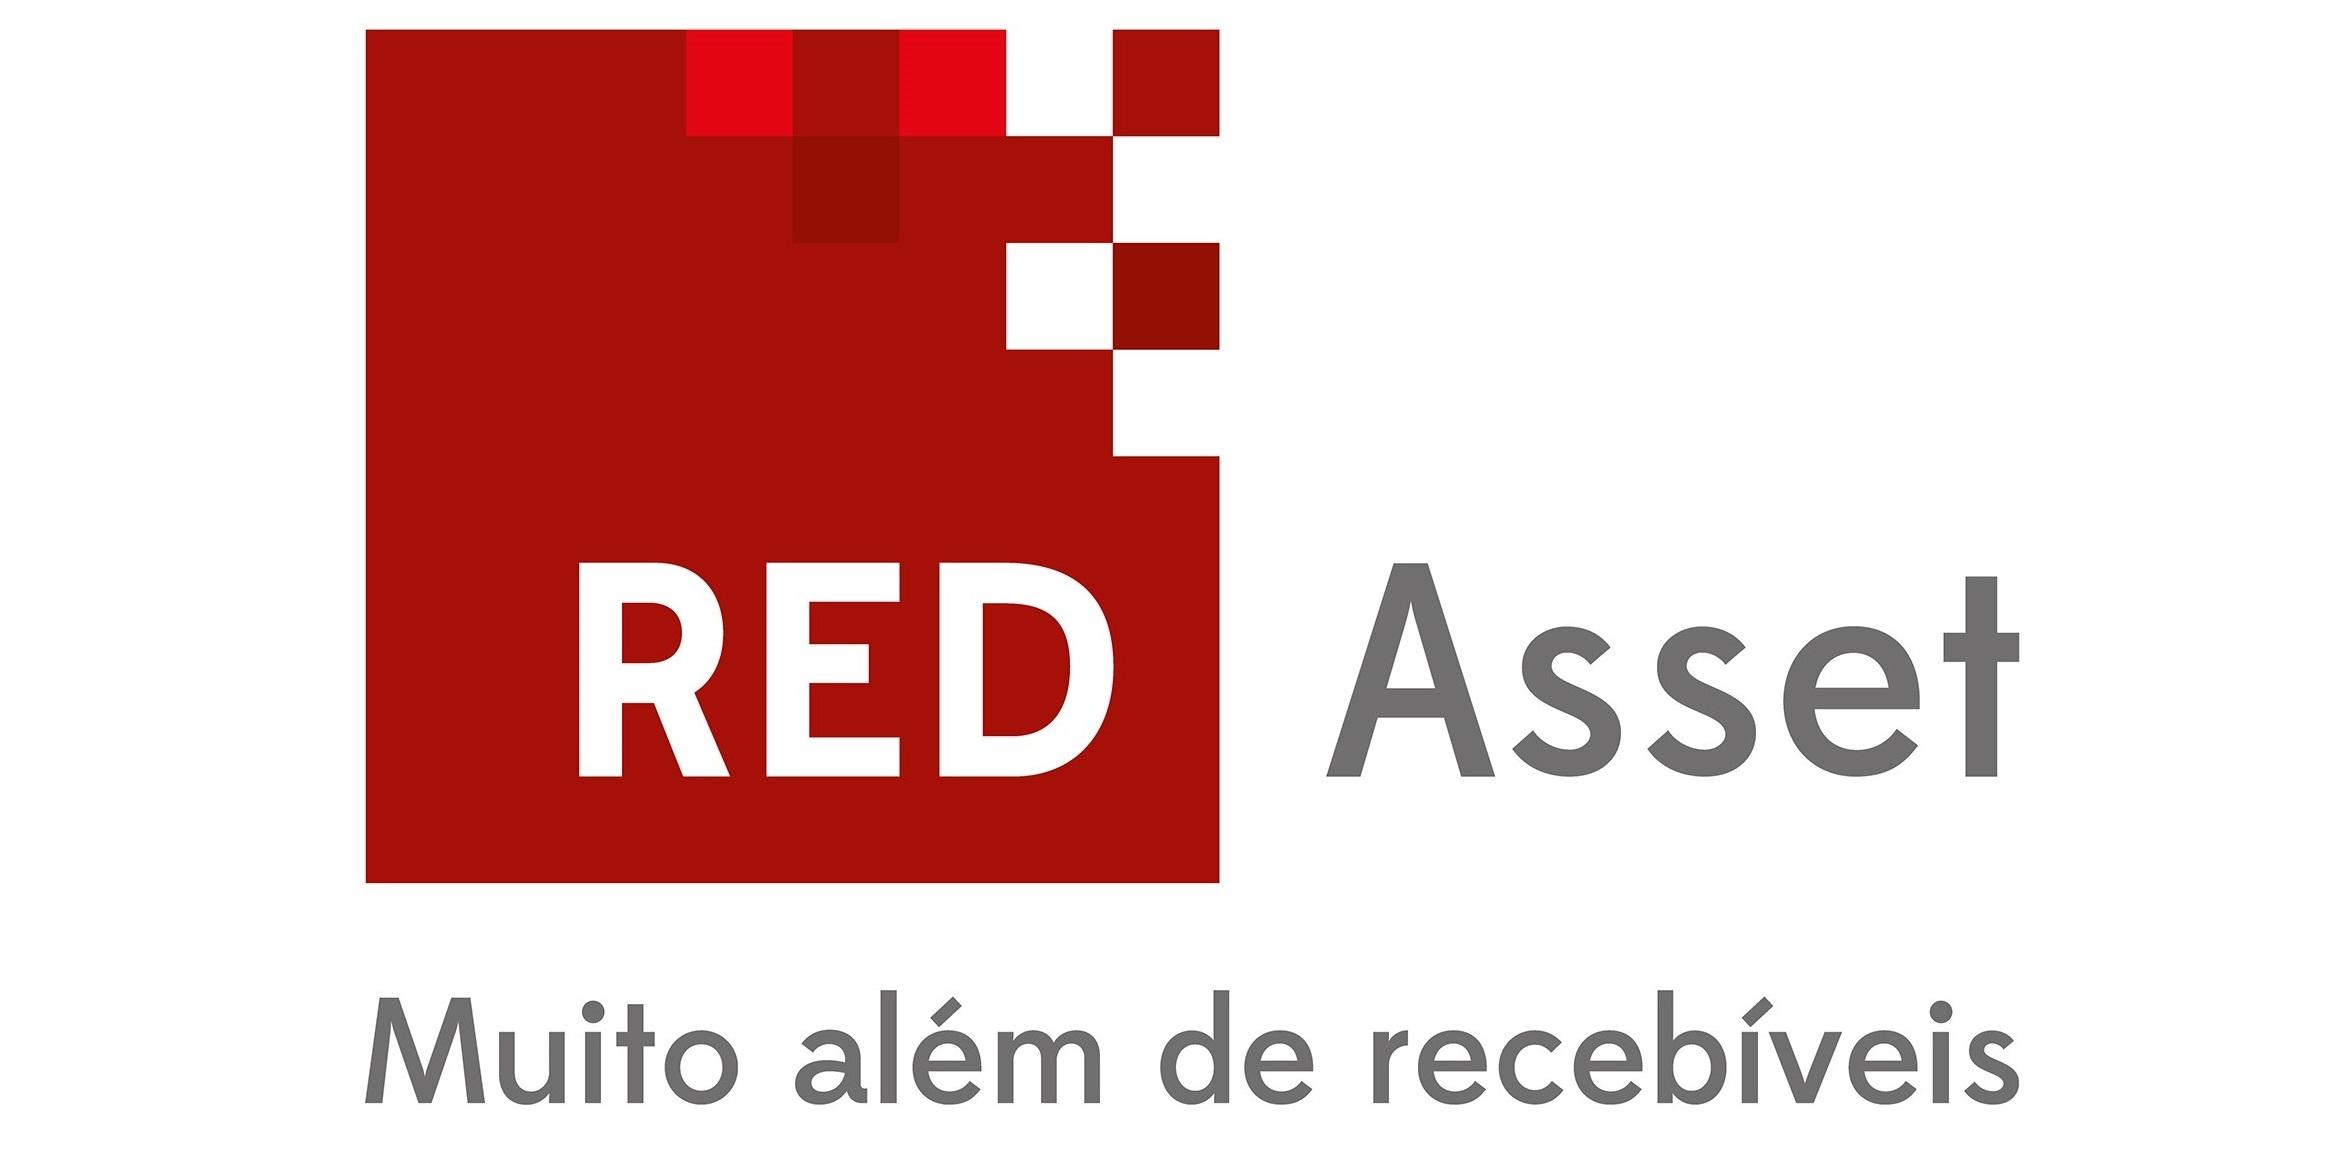 RED Asset